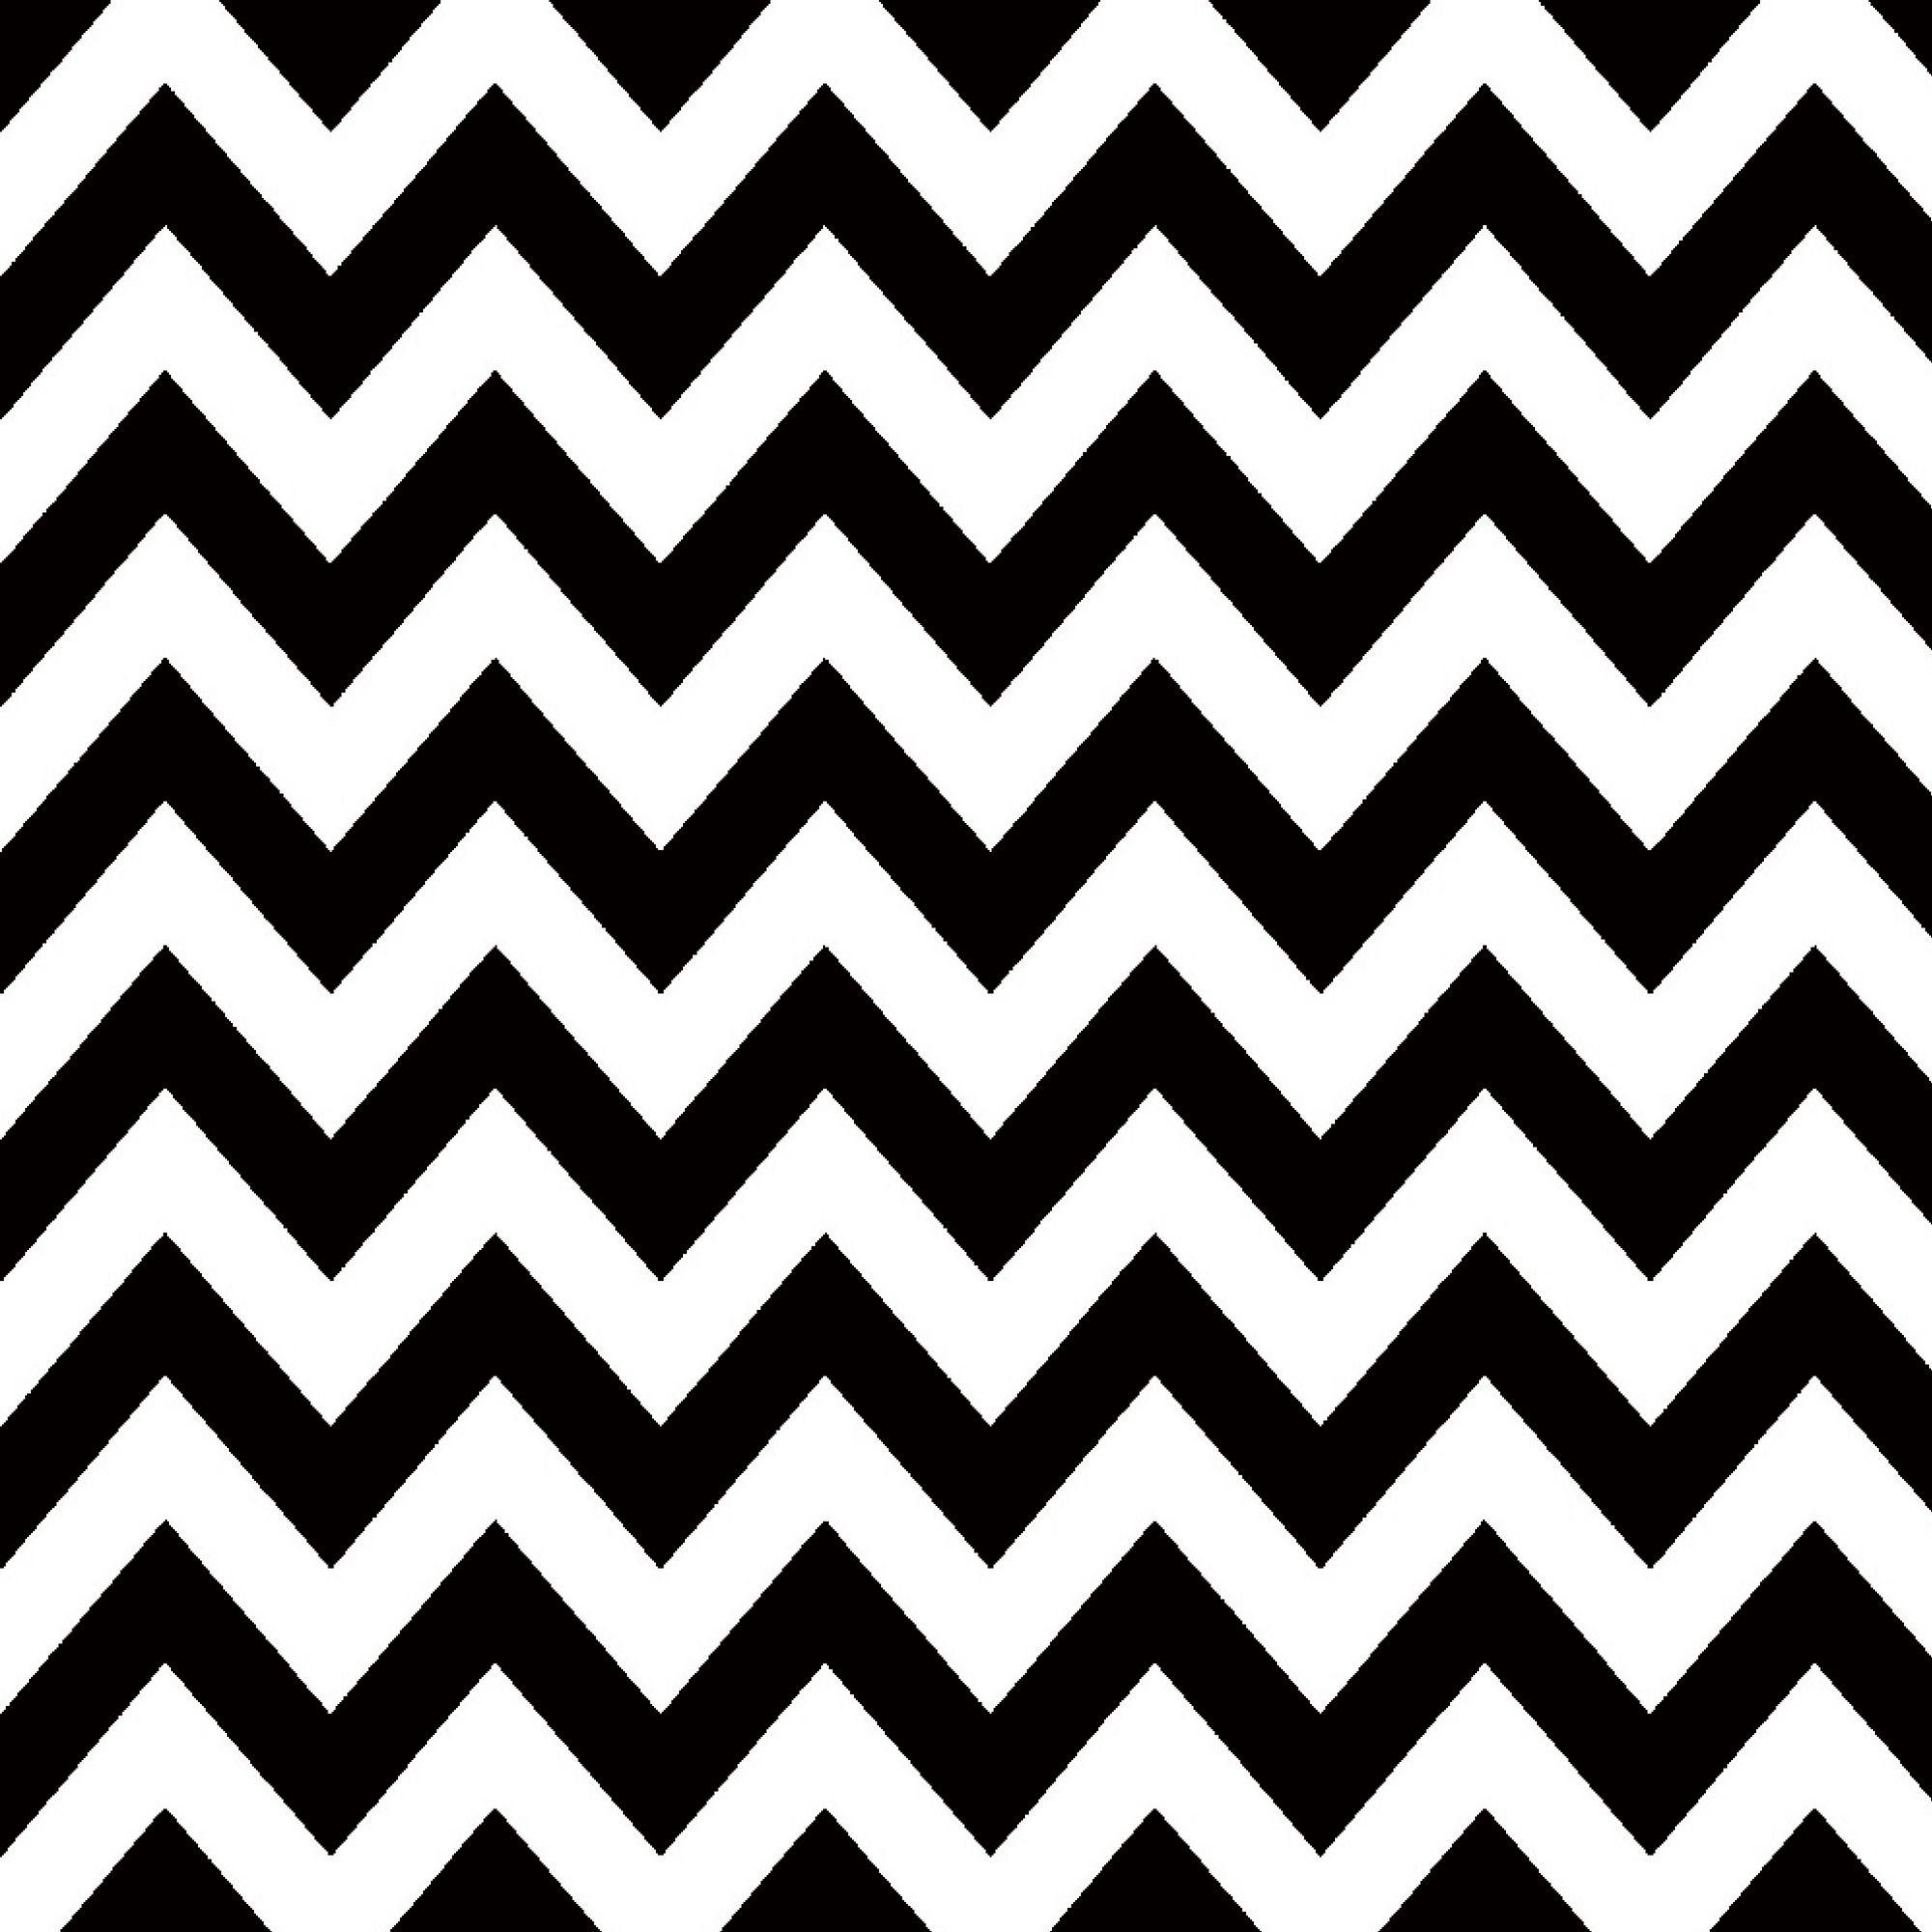 Wallpaper Chevron Preto E Branco Geometrico Zigzag Black And